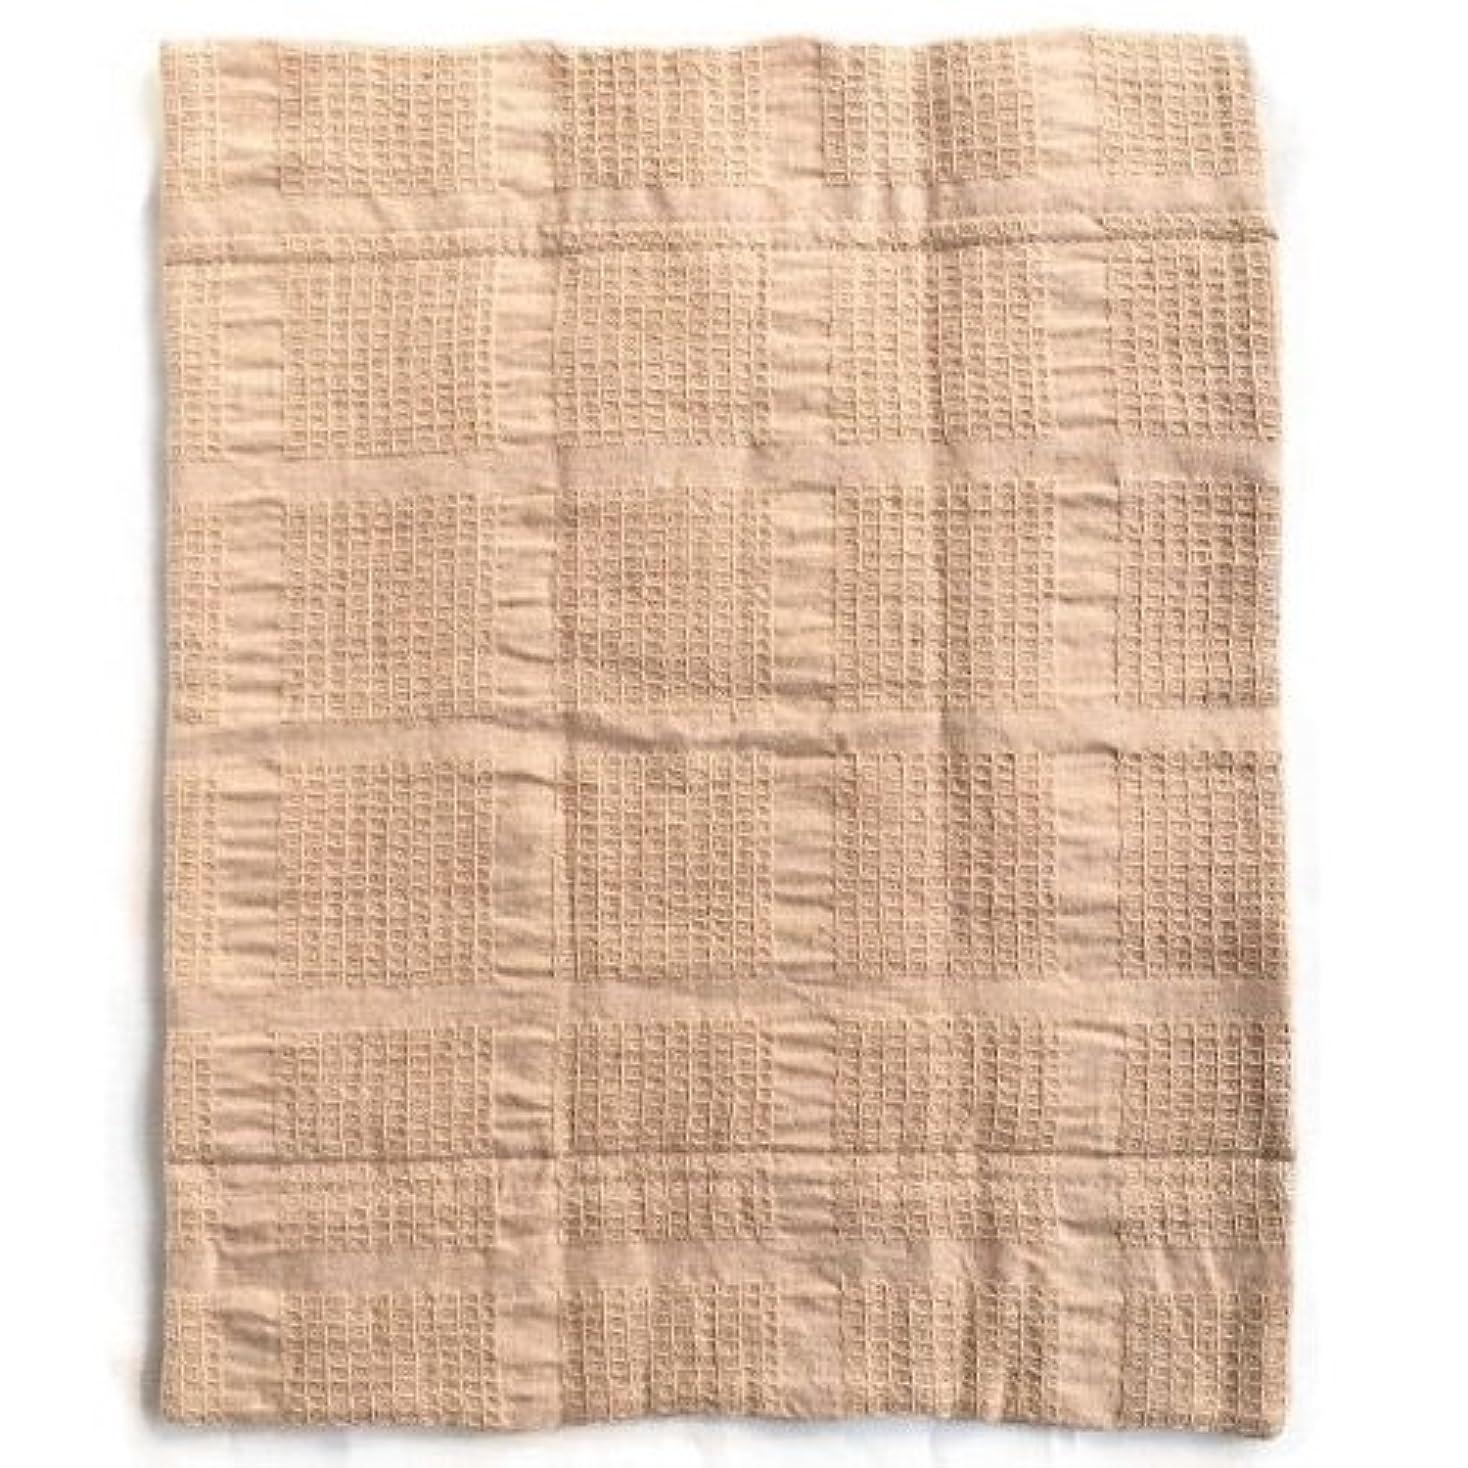 表現お気に入り解凍する、雪解け、霜解け華布のオーガニックコットンの布ナプキン LLサイズ(約28cm×約35cm) 1枚入り